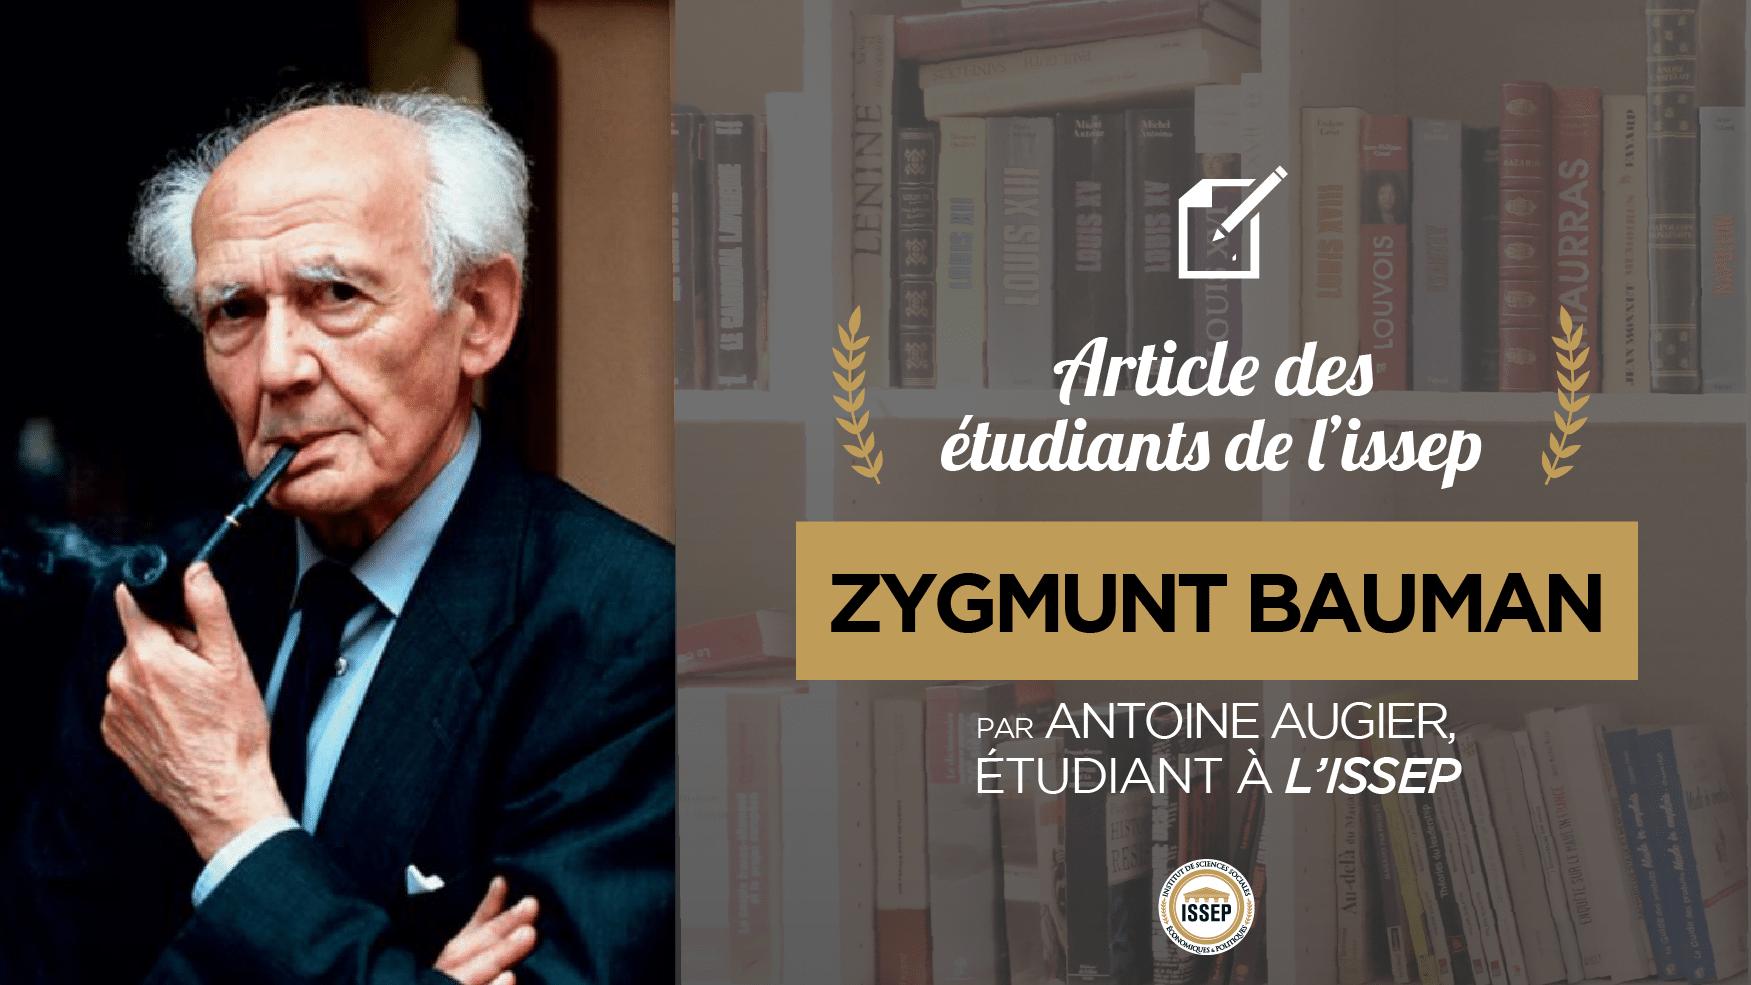 Article des étudiants : Zygmunt Bauman, par Antoine Augier, étudiant en Bac+4 à l'ISSEP